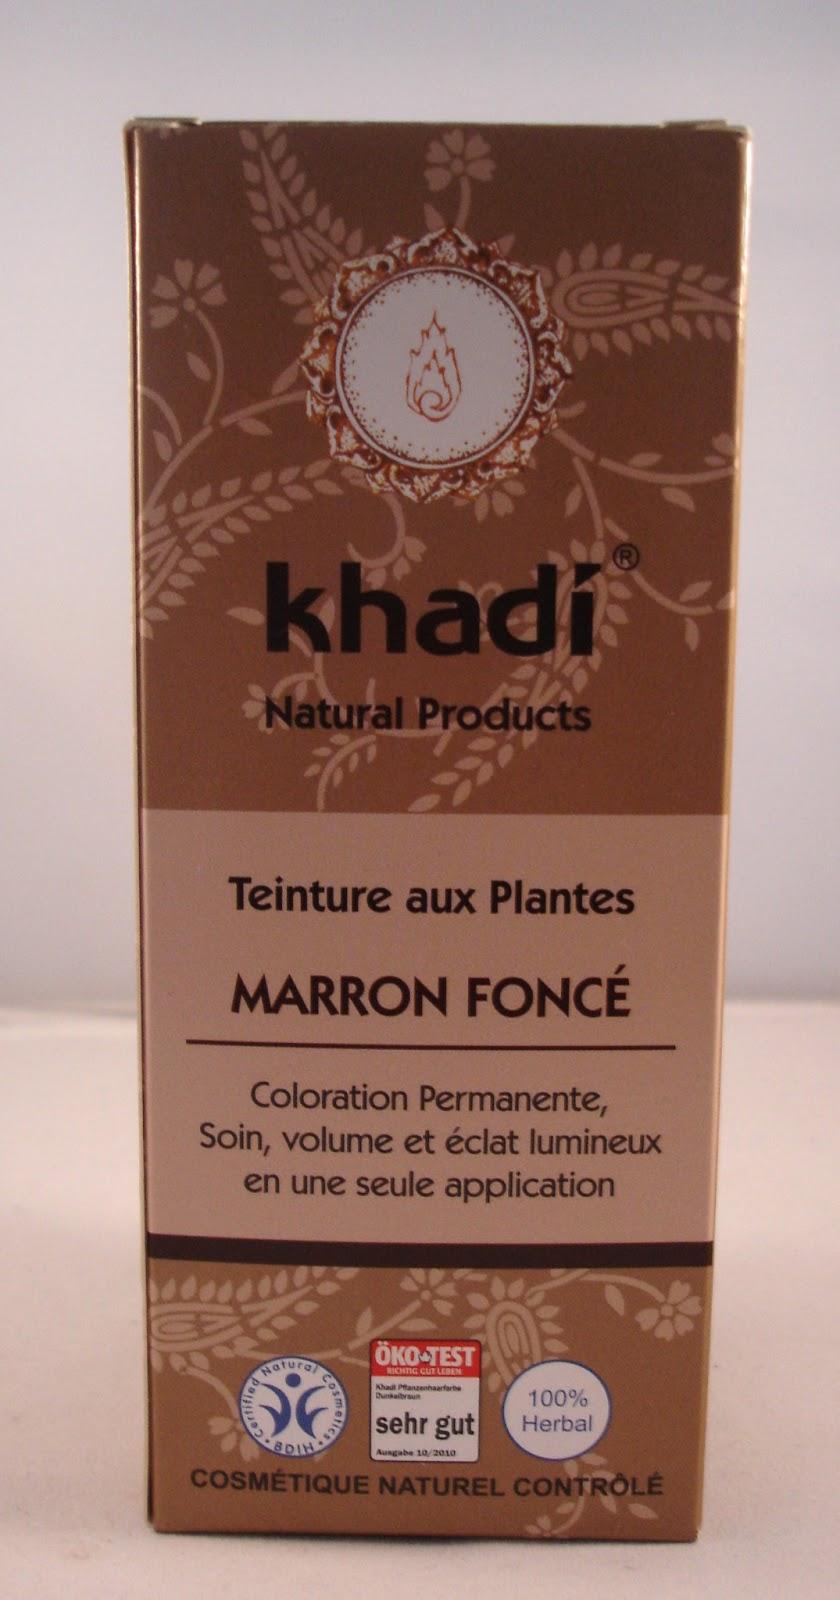 aprs avoir fouin sur bt mon choix sest port sur la coloration khadi en teinte marron fonc 860 euros chez mademoiselle bio - Khadi Coloration